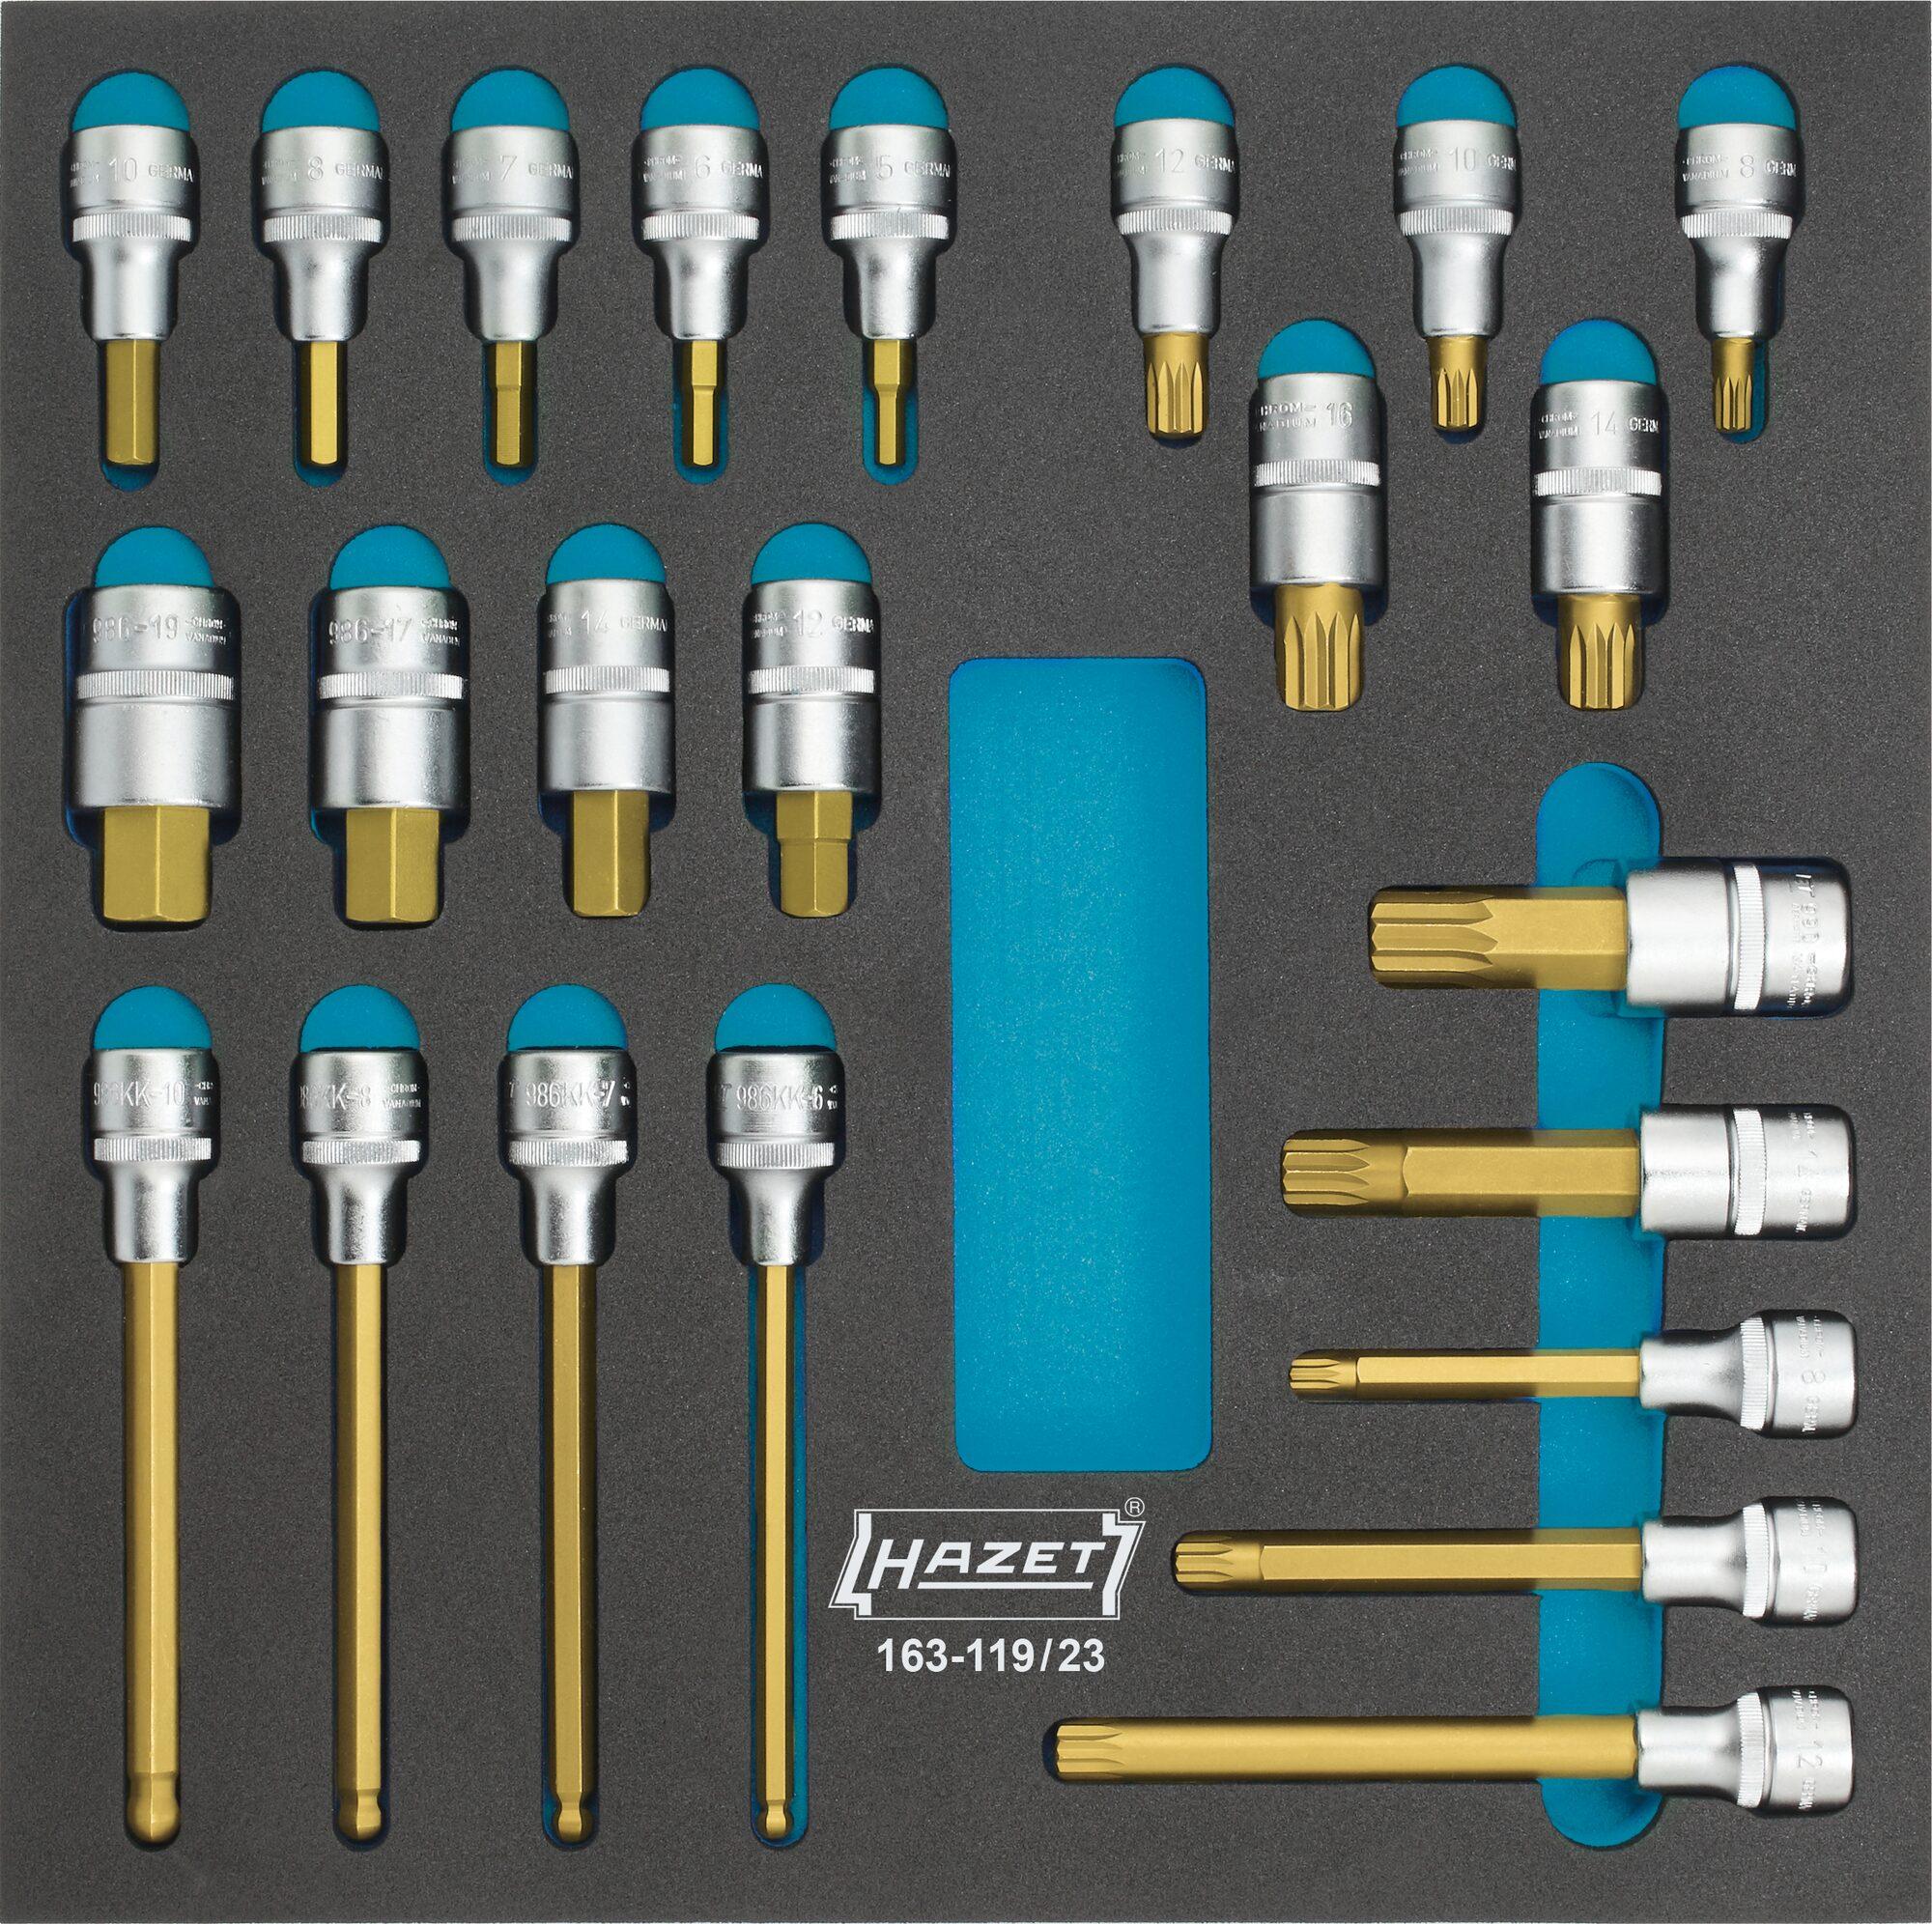 HAZET Schraubendreher-Steckschlüsseleinsatz Satz 163-119/23 ∙ Vierkant hohl 12,5 mm (1/2 Zoll) ∙ Anzahl Werkzeuge: 23